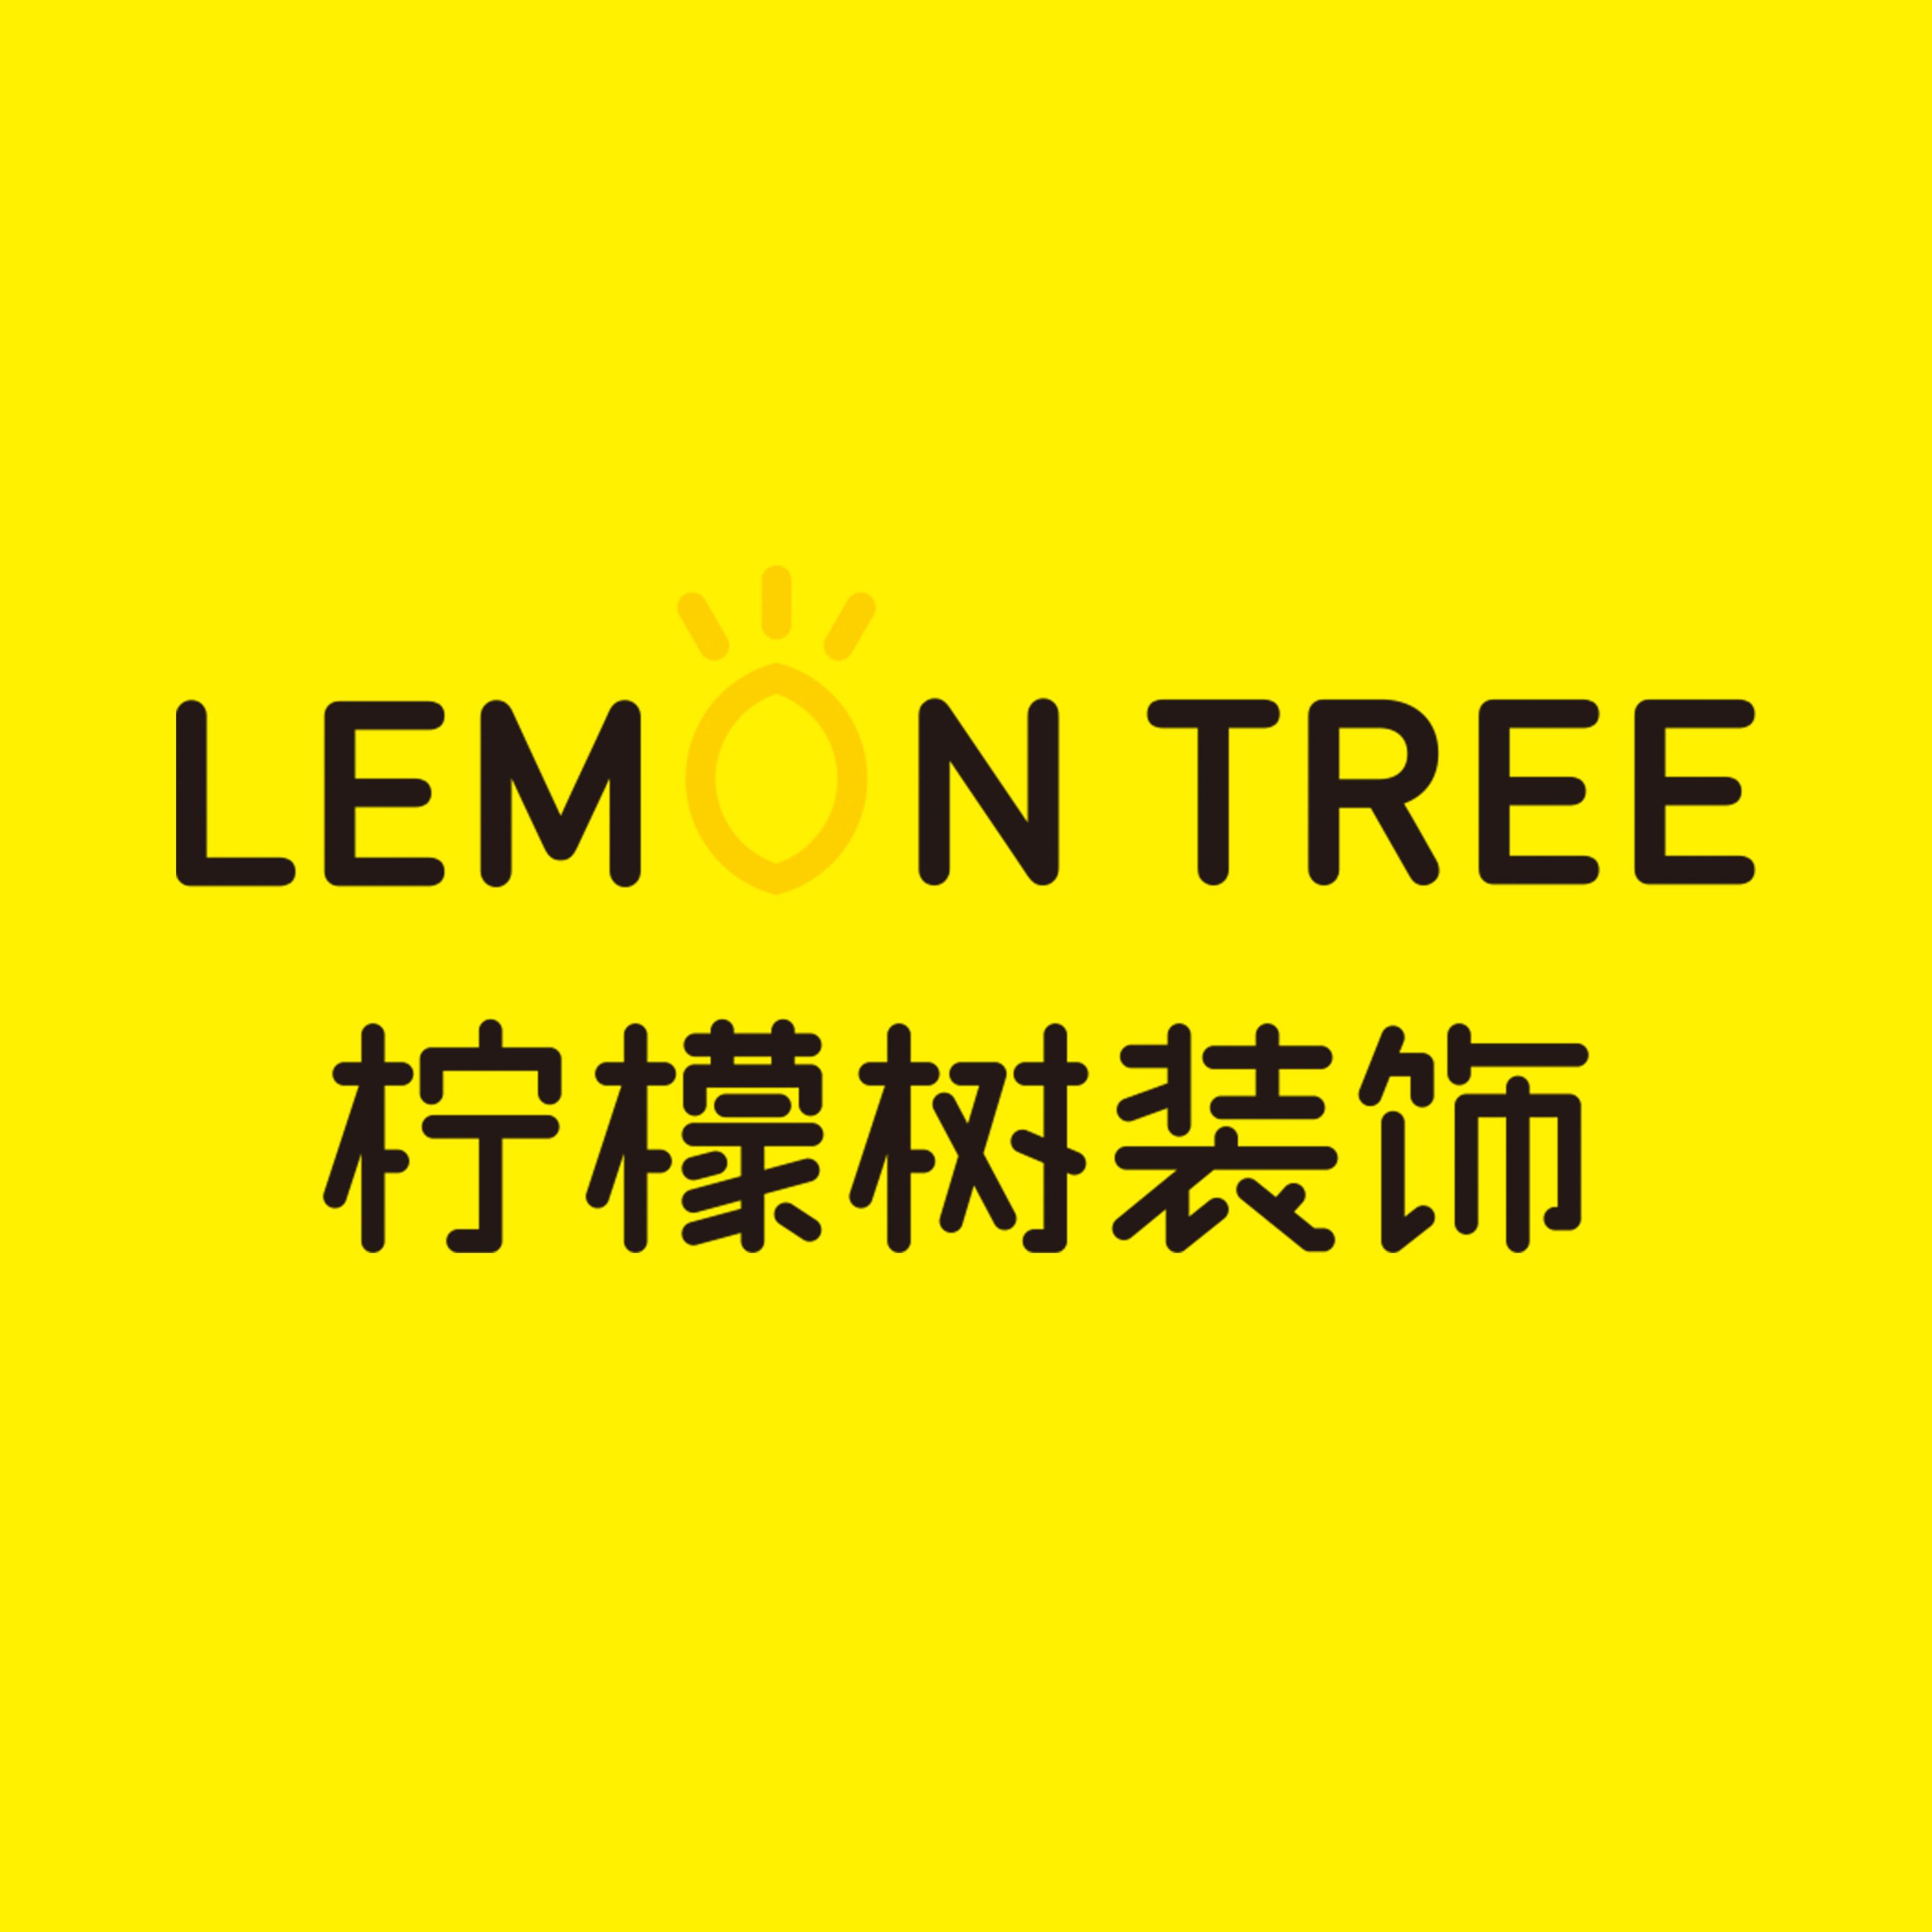 济南柠檬树装饰设计工程有限公司 - 济南装修公司